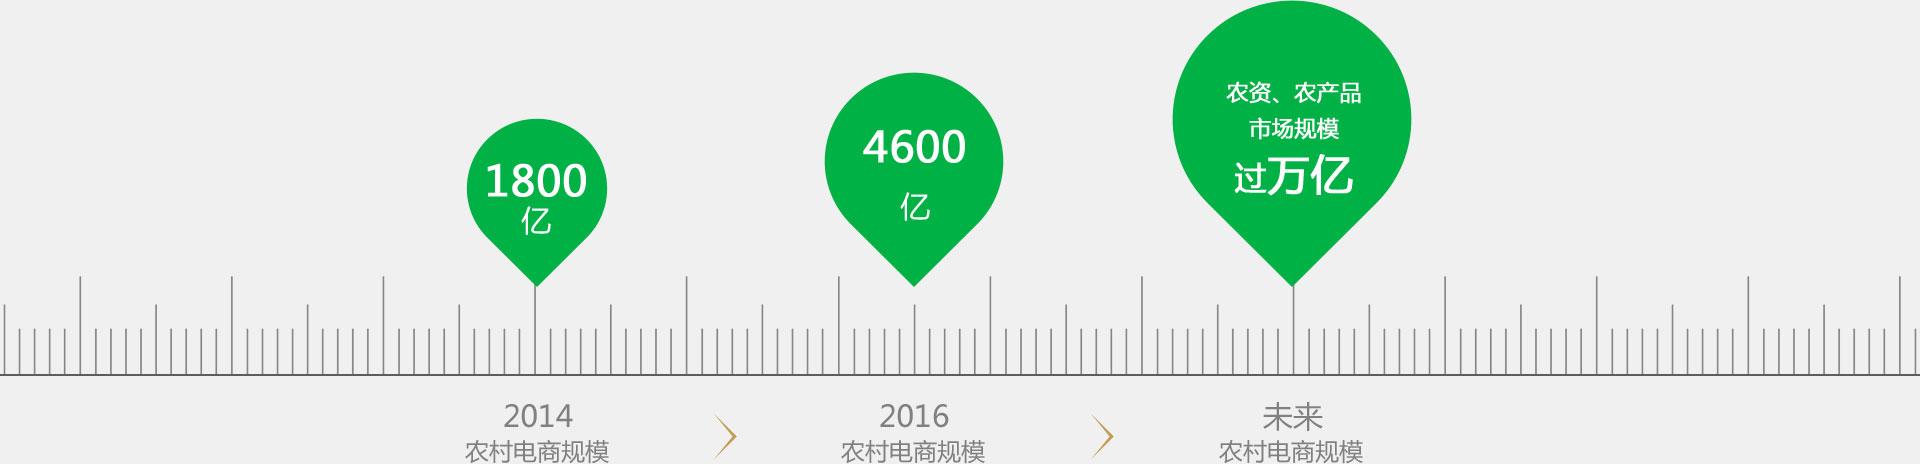 竞博app下载发展潜力大——农村竞博app下载